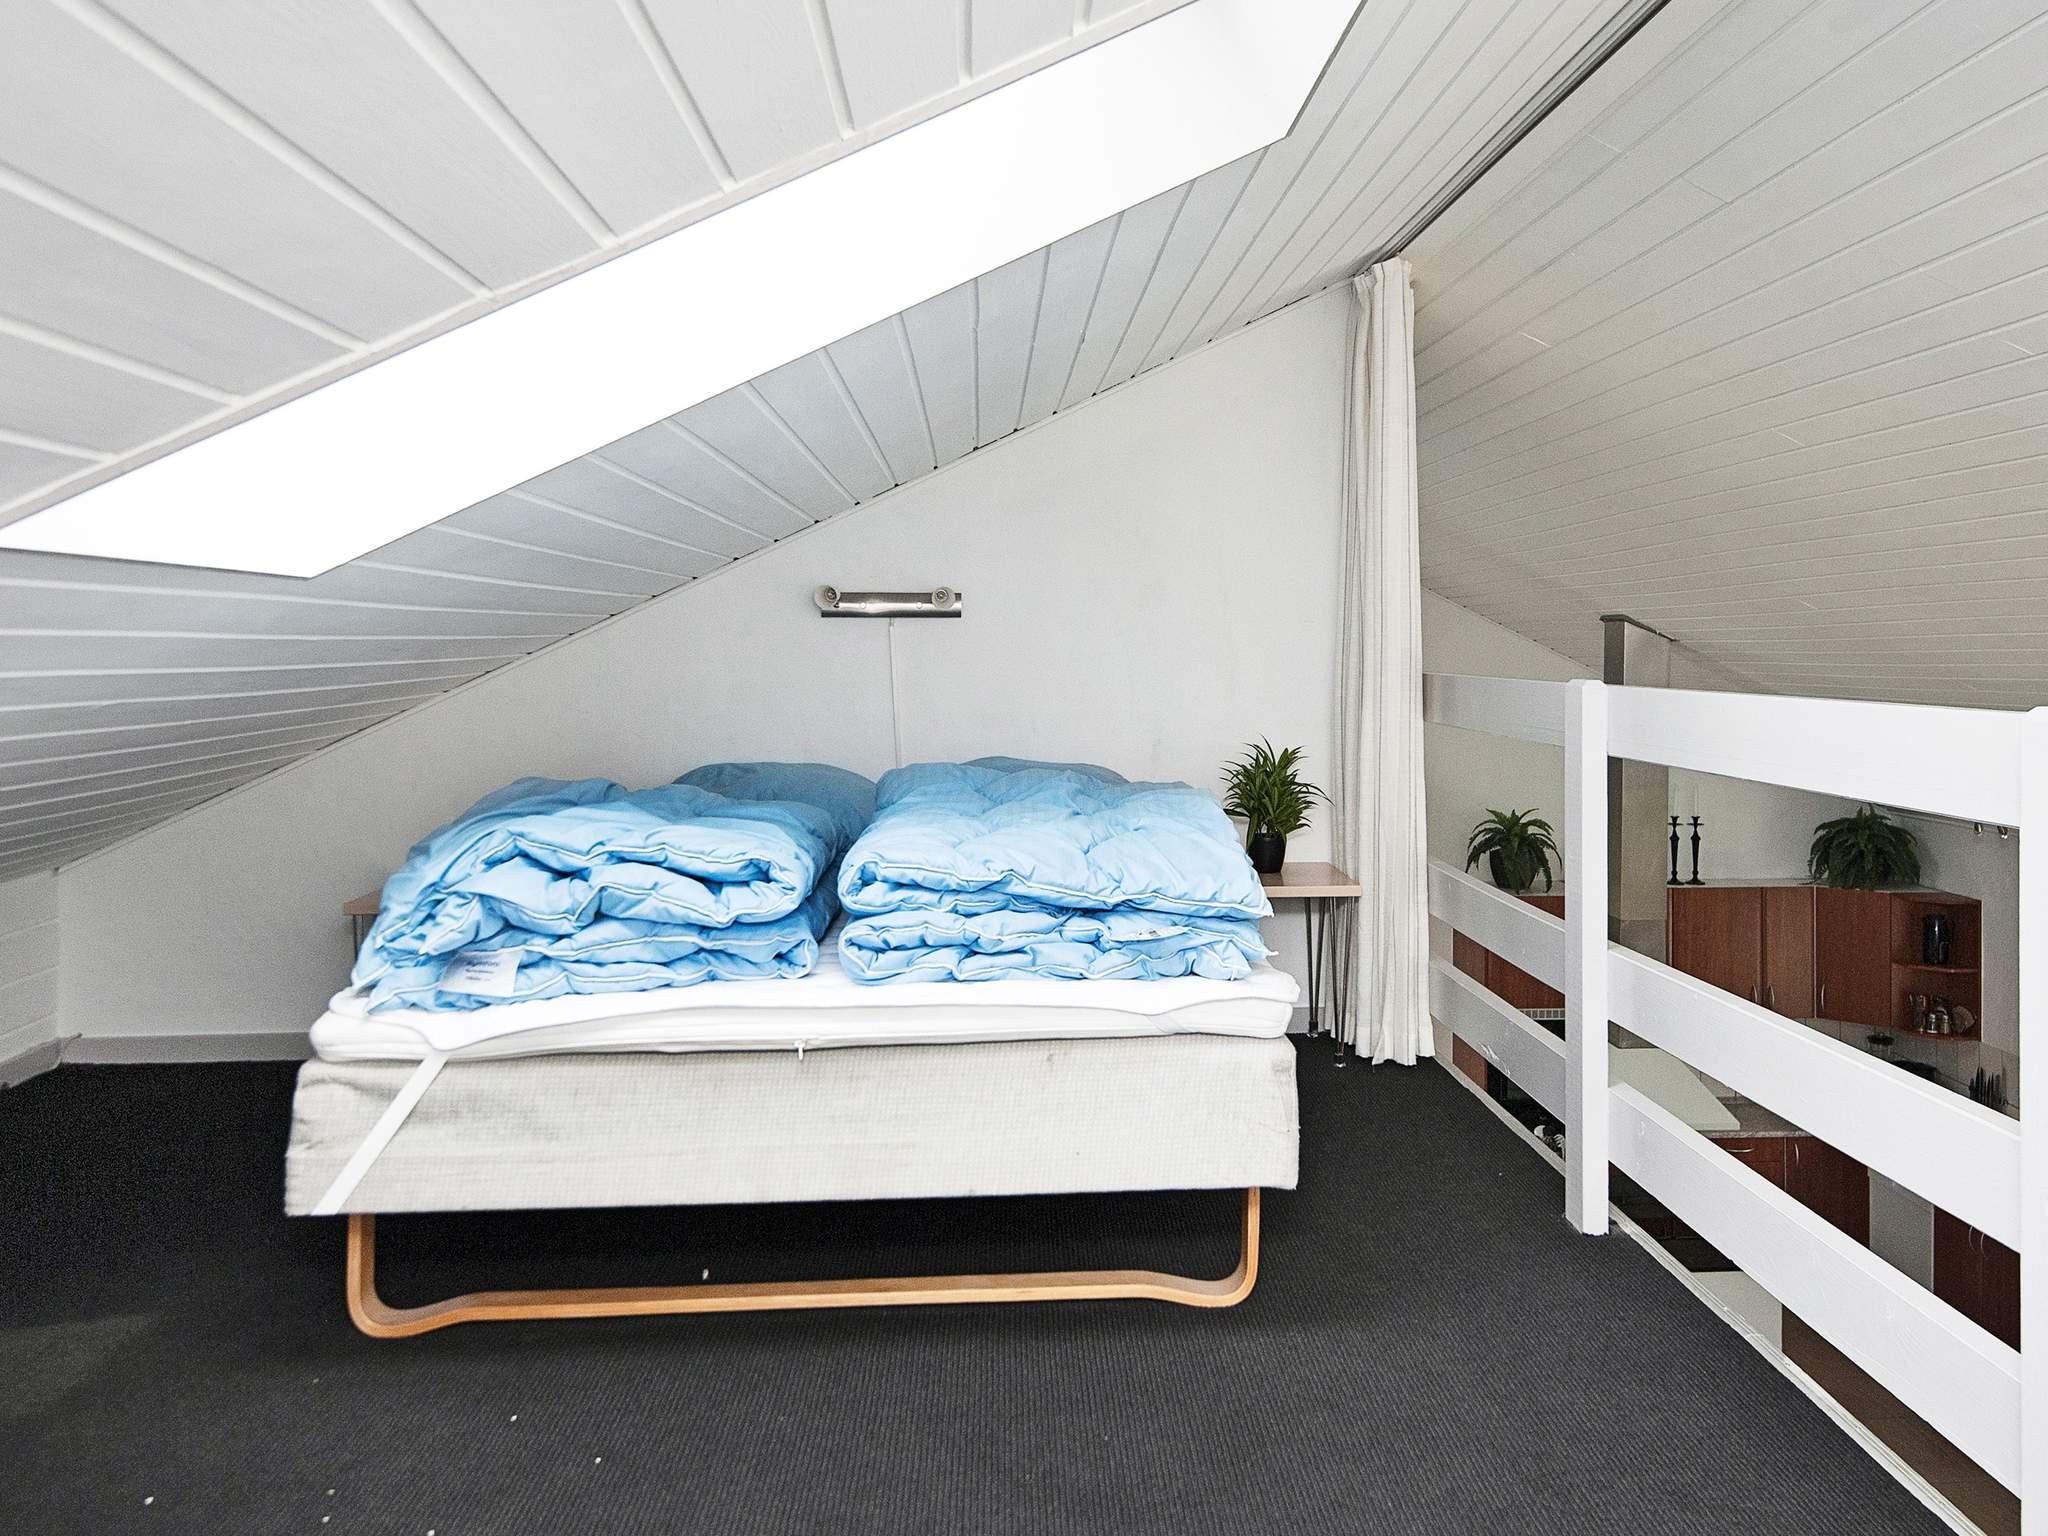 Ferienhaus Egsmark Strand (493427), Egsmark, , Dänische Ostsee, Dänemark, Bild 11